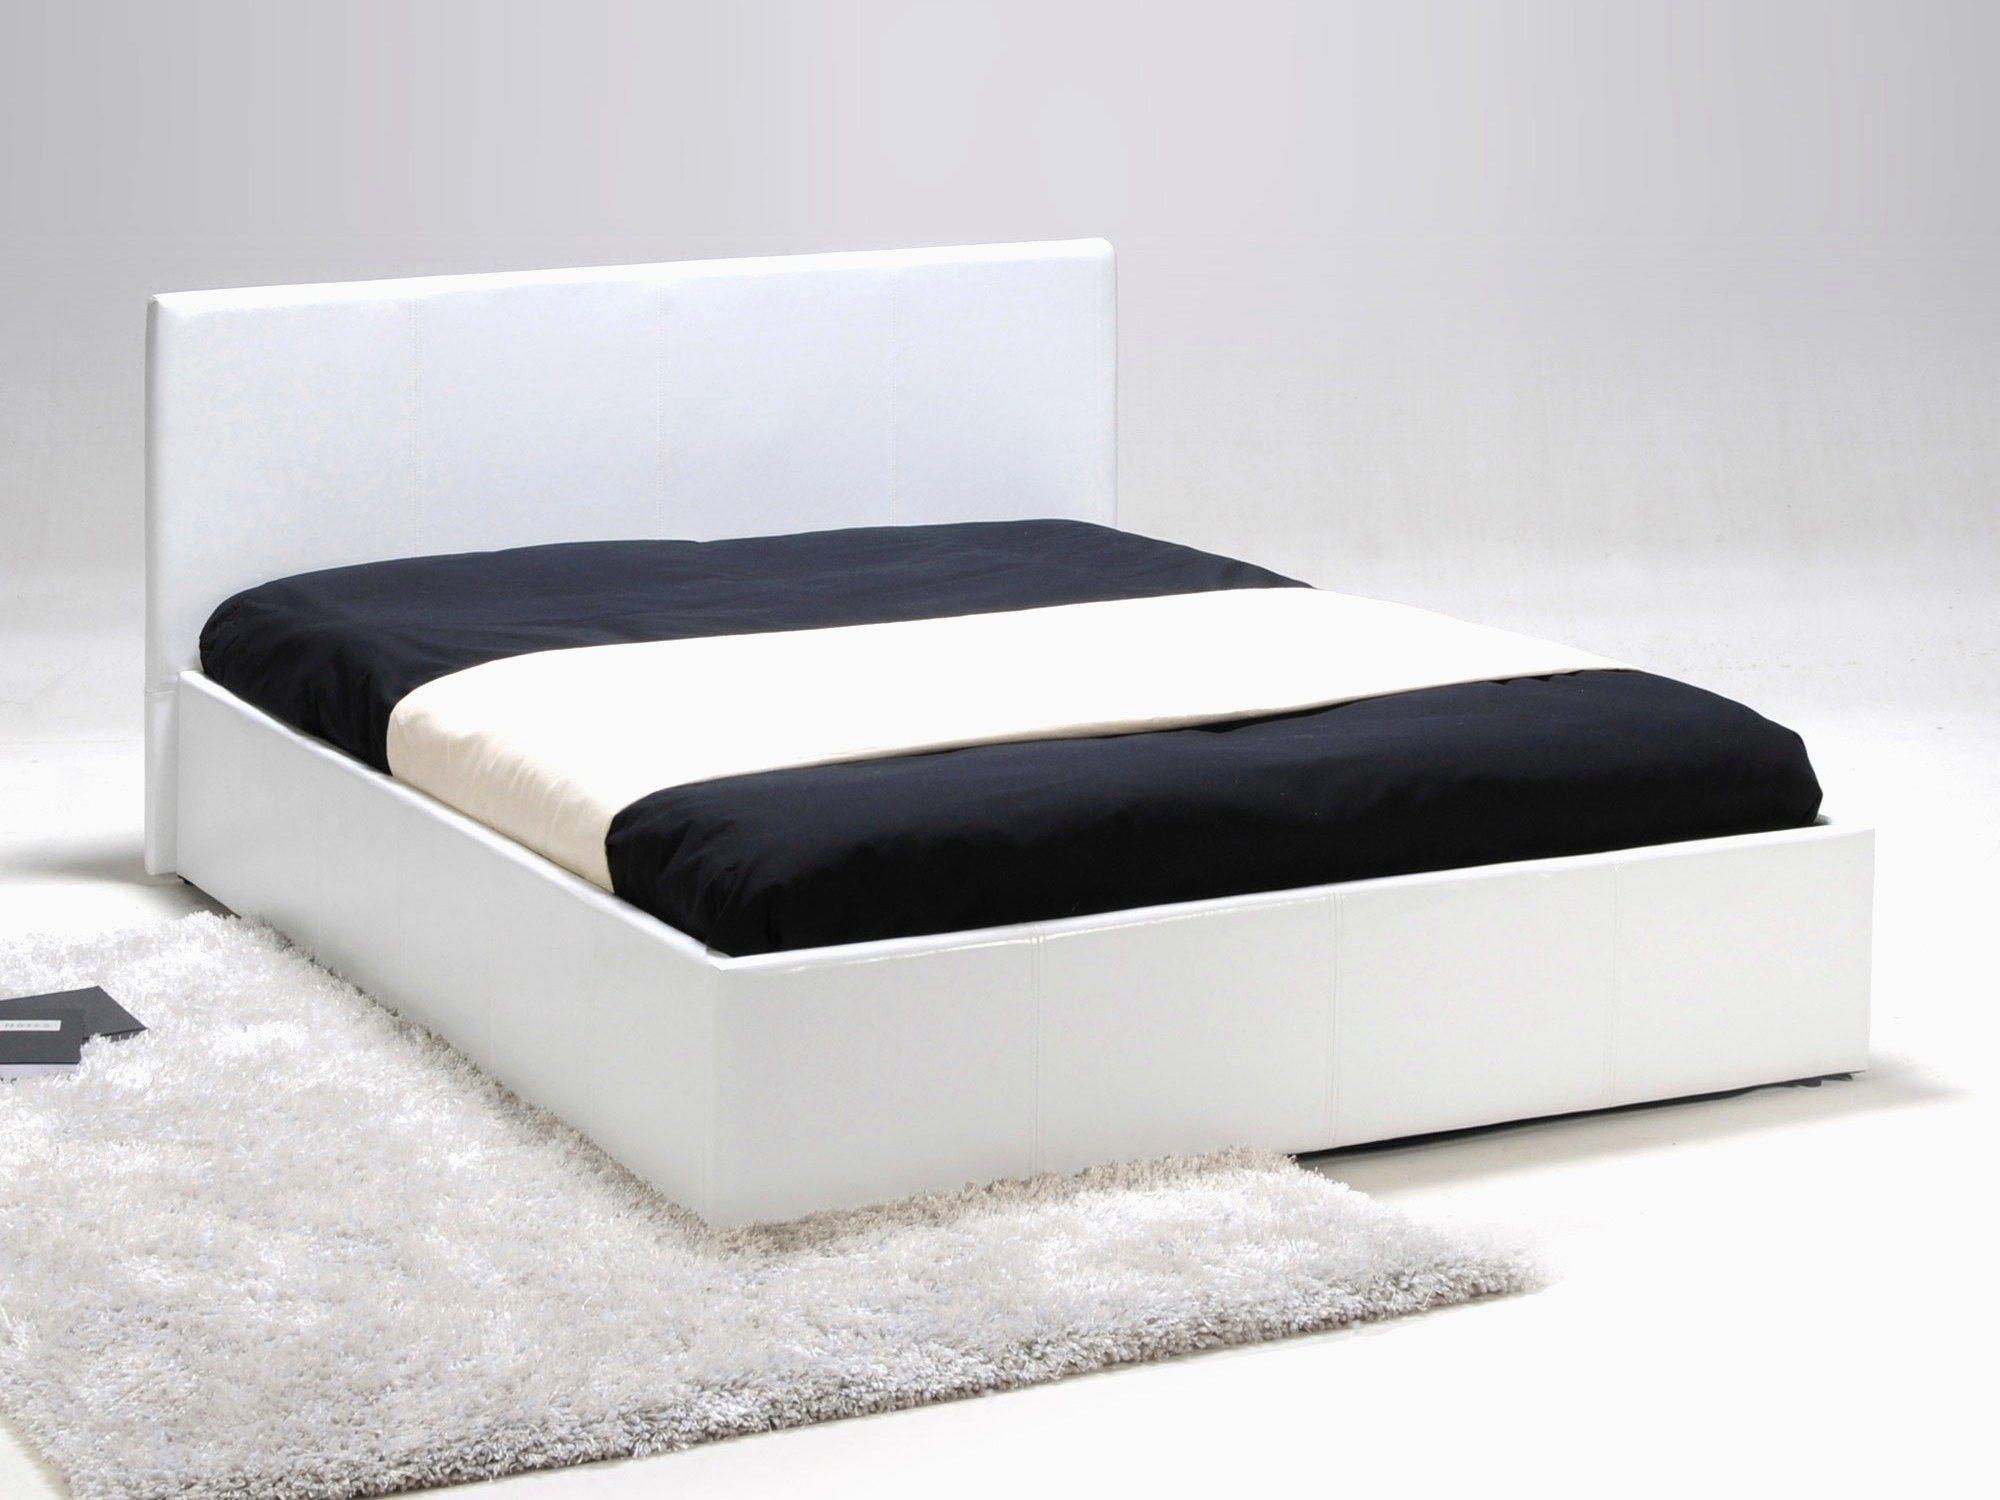 Couverture Lit 2 Personnes Le Luxe 32 Agréable Couvre Lit Design – Faho Forfriends